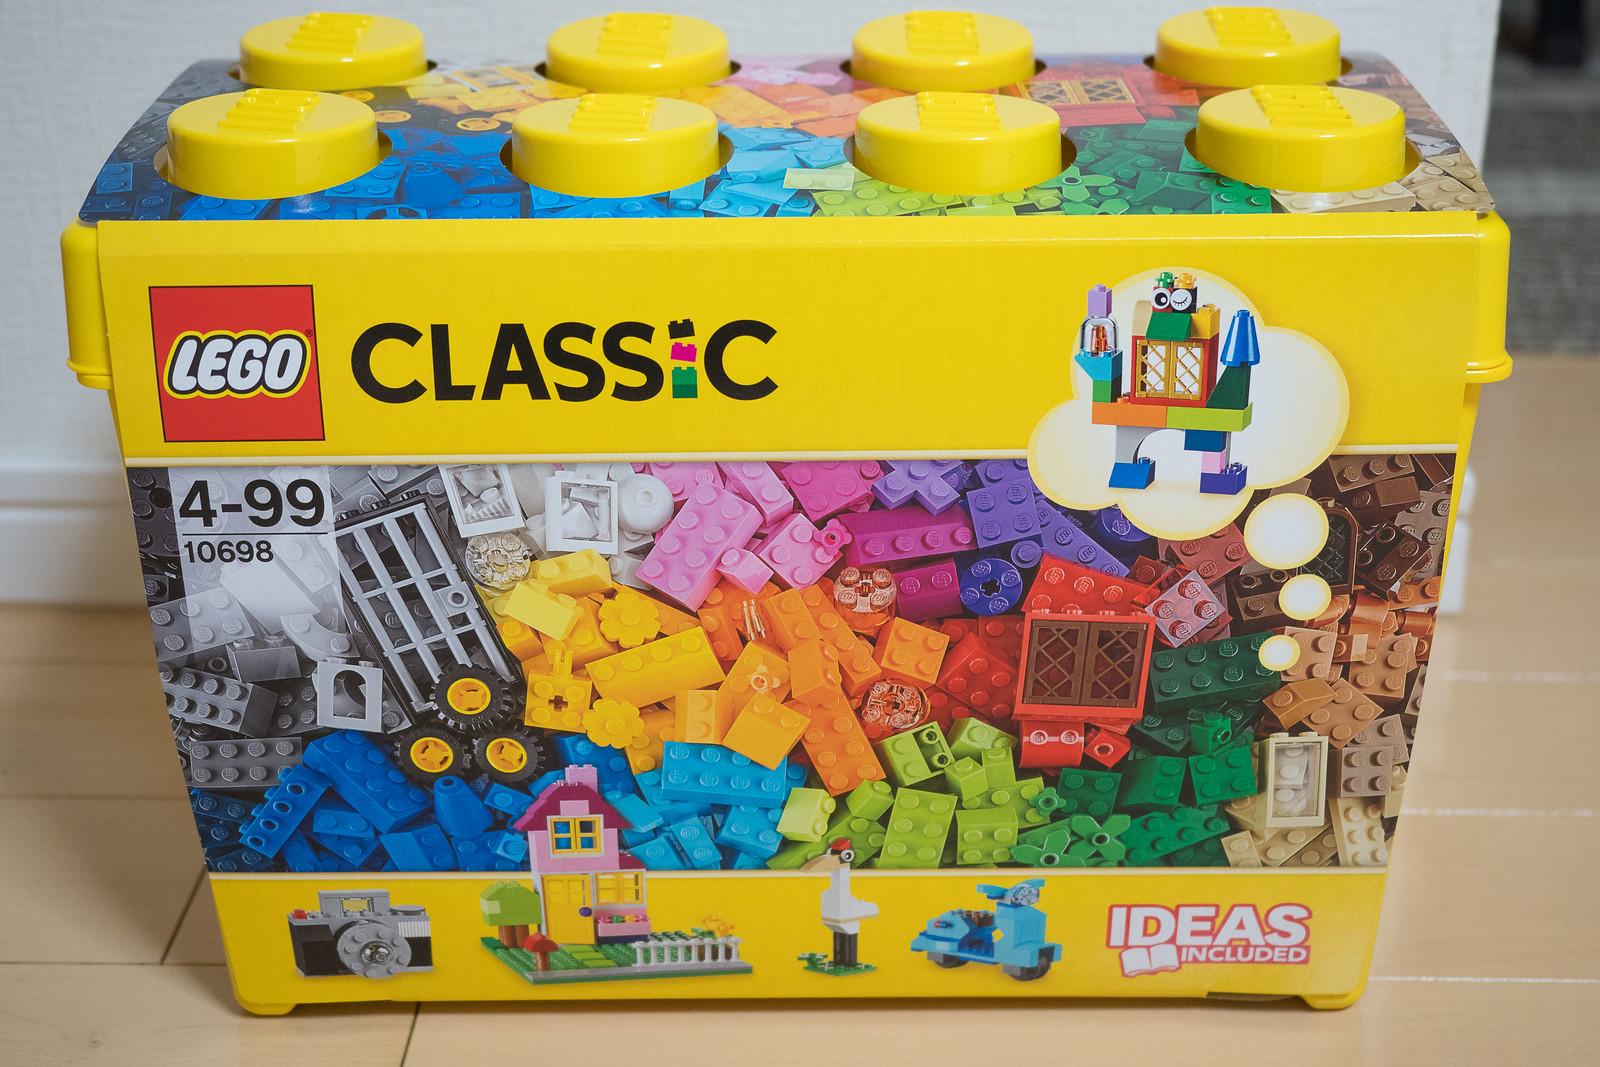 LEGO_CLASSIC-1